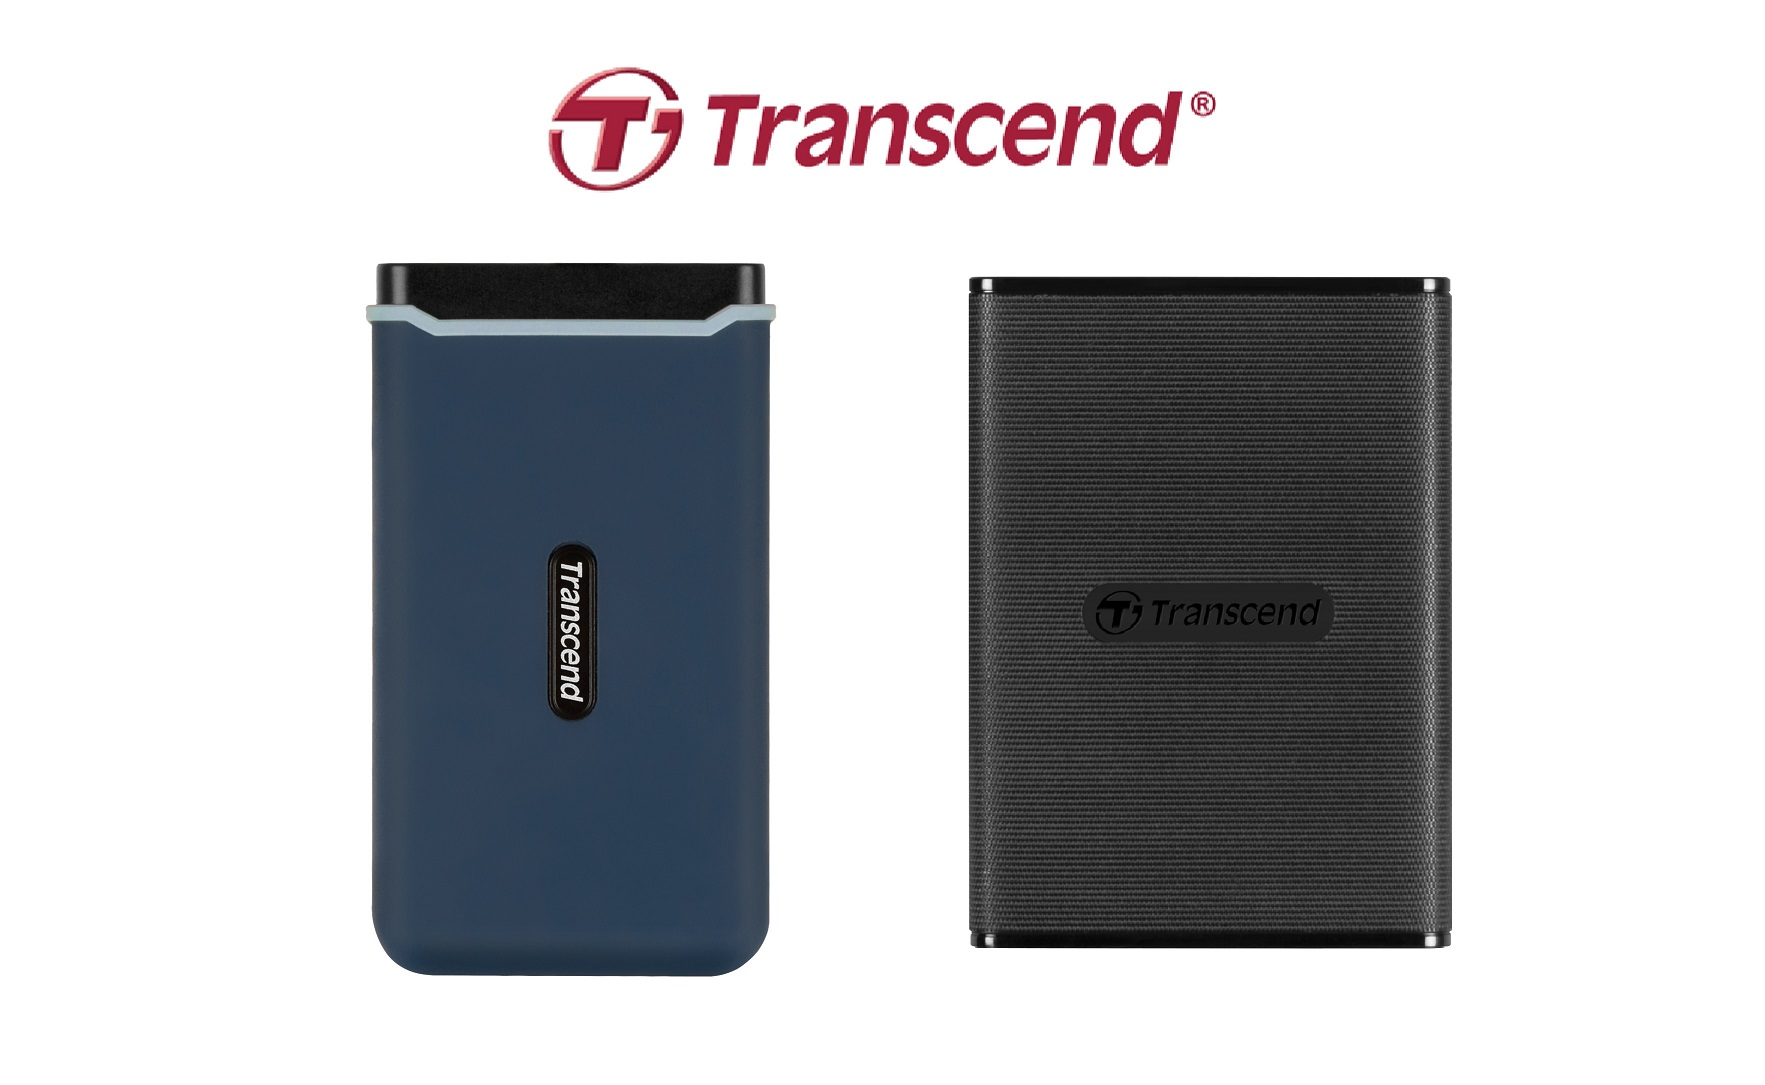 Dwa nowe modele zewnętrznych SSD z USB-C od TRANSCEND